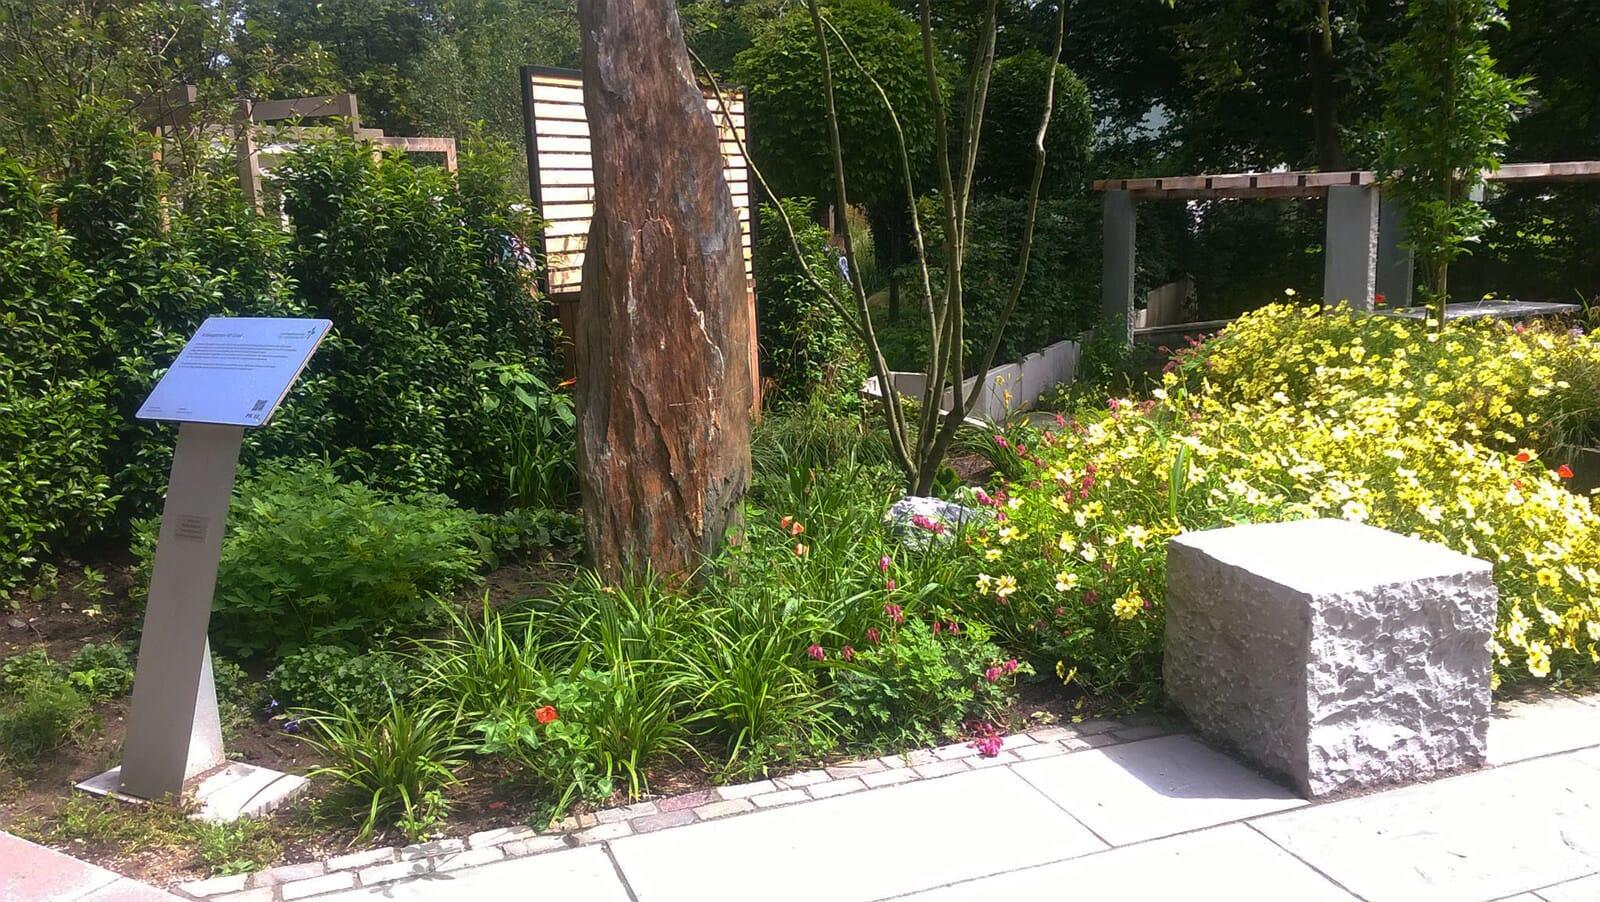 Landesgartenschau 2017 - Der 45 Grad Garten: Beet im Eingangsbereich